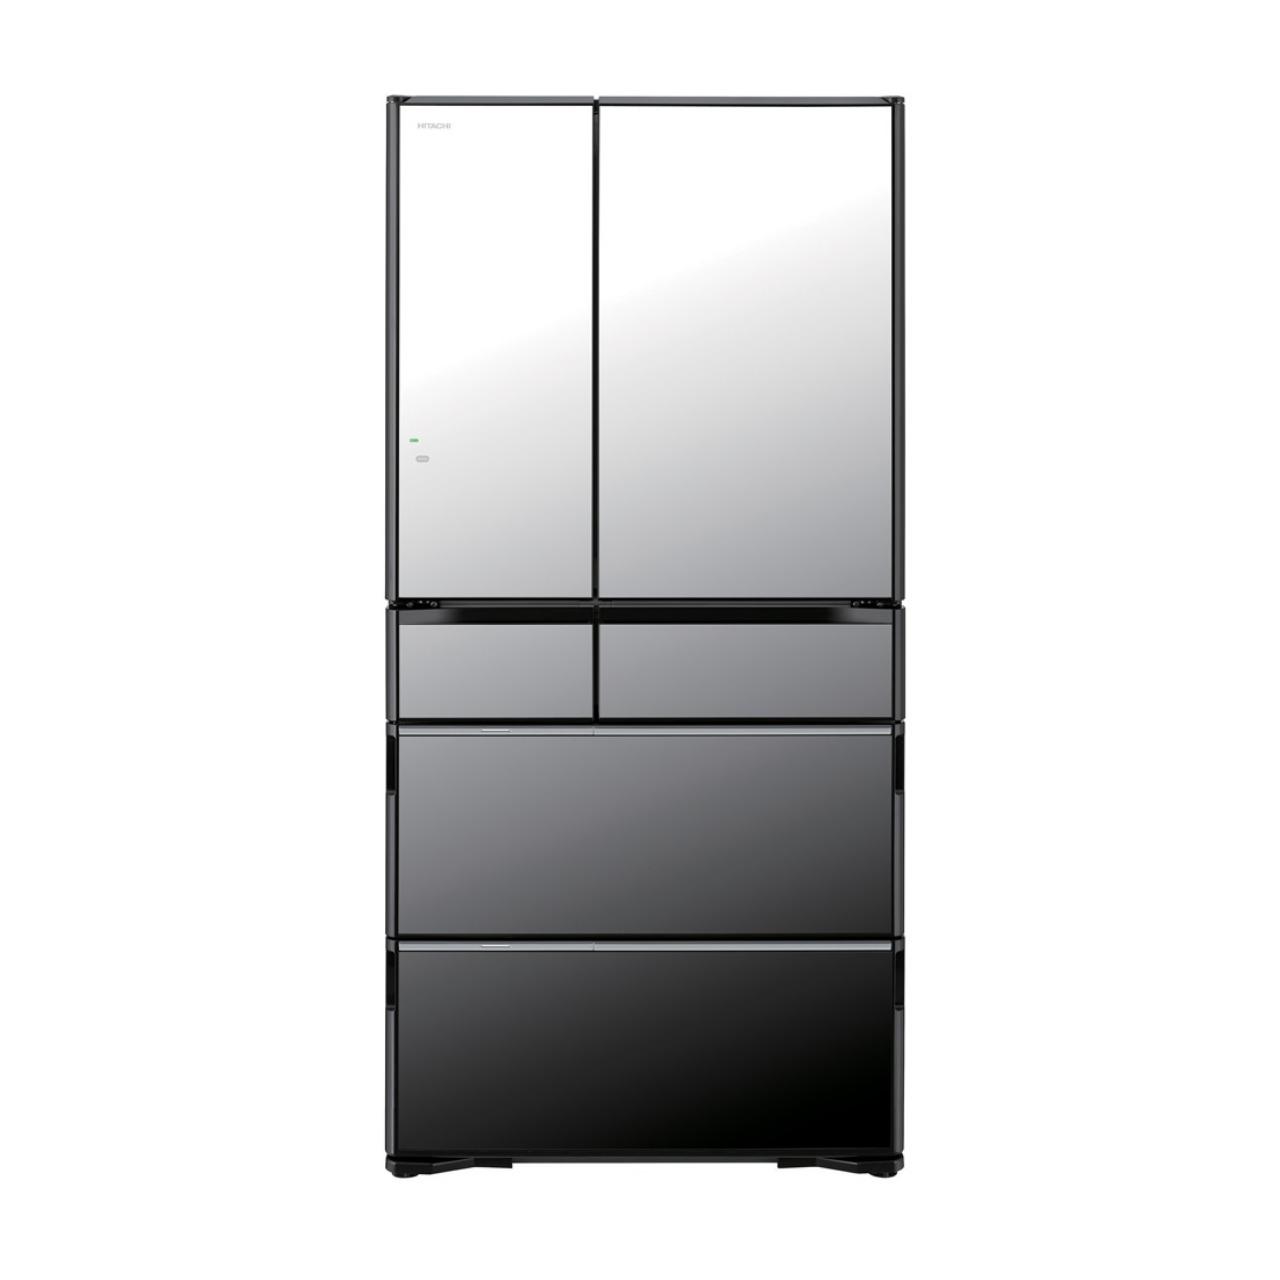 日立真空チルドR-WX74J冷蔵庫